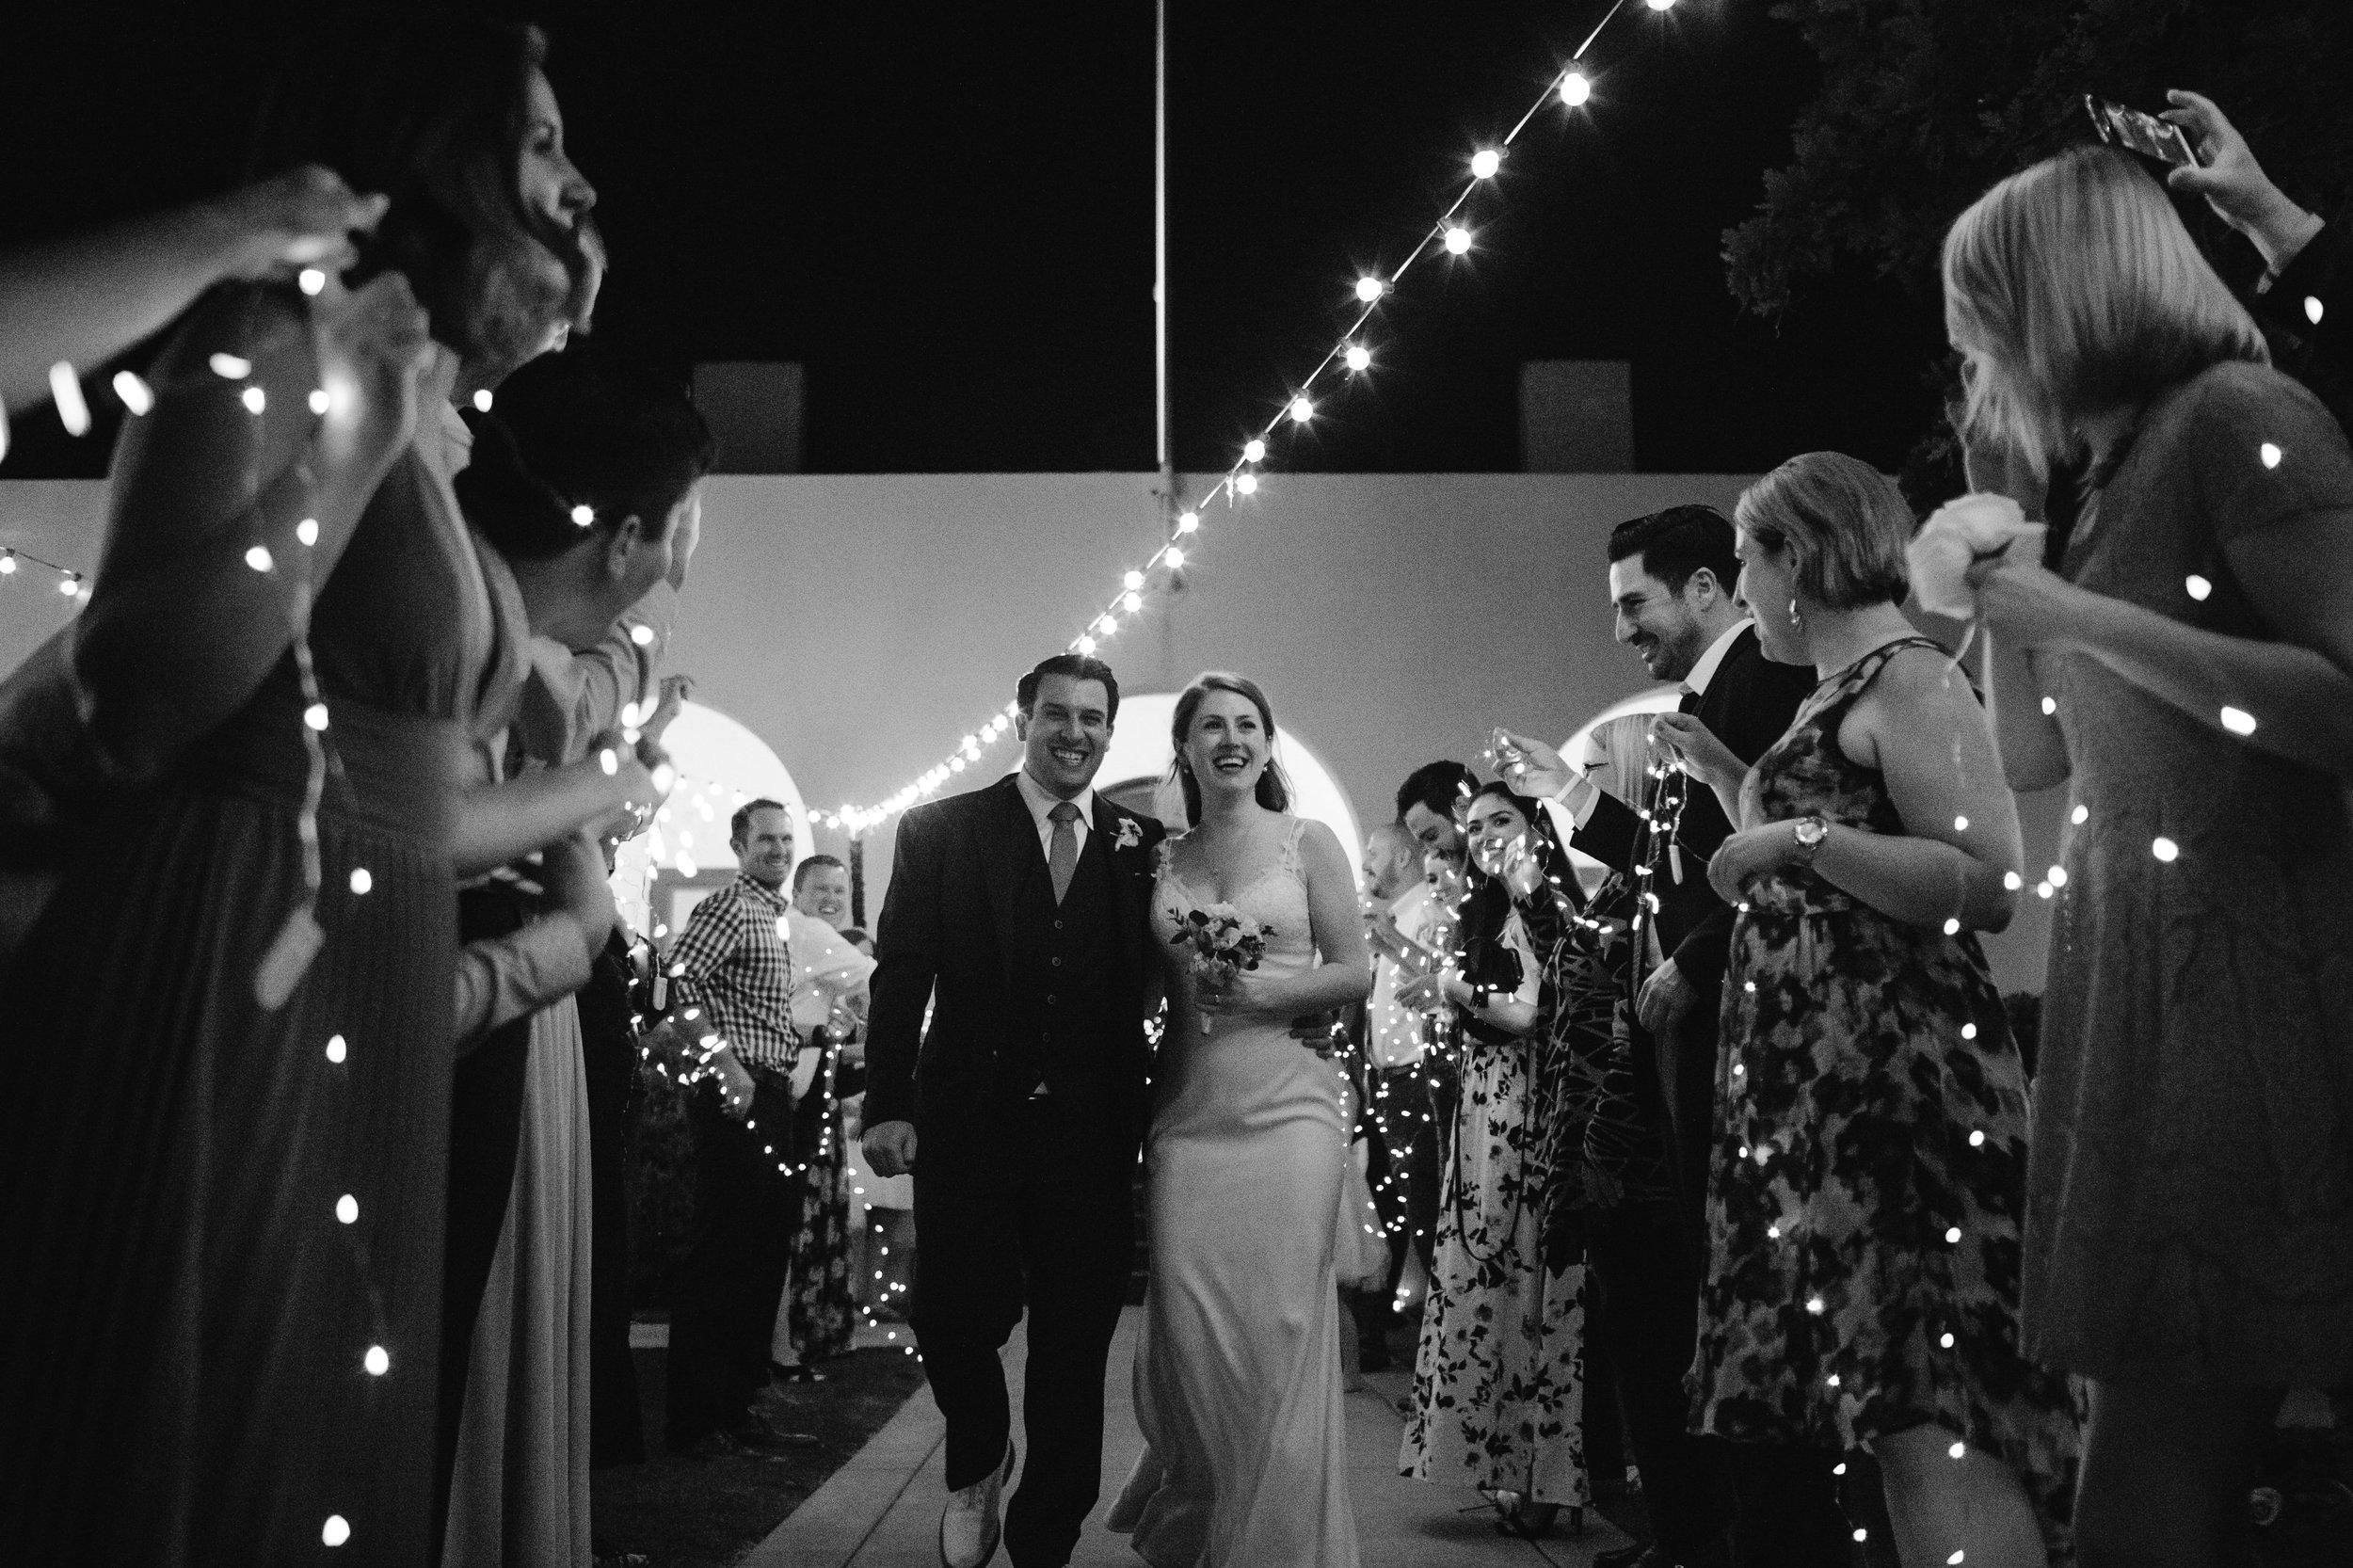 Saramaya Zach-Saramaya Zach wedding-0948.jpg